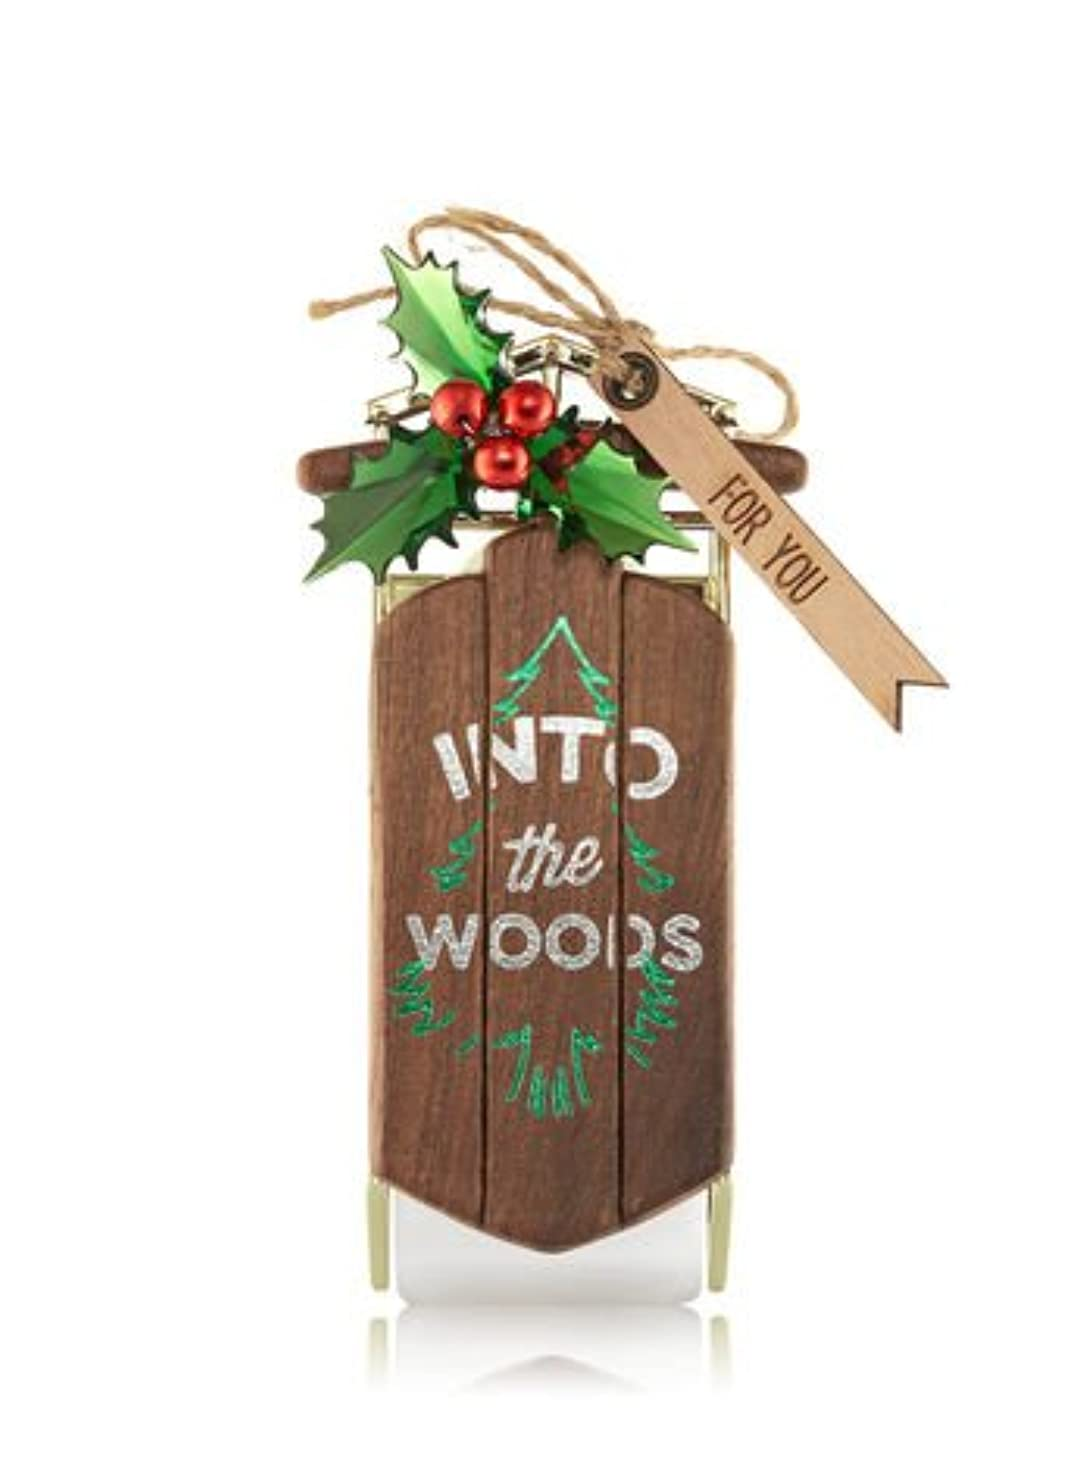 不機嫌そうな類推社説【Bath&Body Works/バス&ボディワークス】 ルームフレグランス プラグインスターター (本体のみ) イントゥーザウッズ Wallflowers Fragrance Plug Into The Woods [...